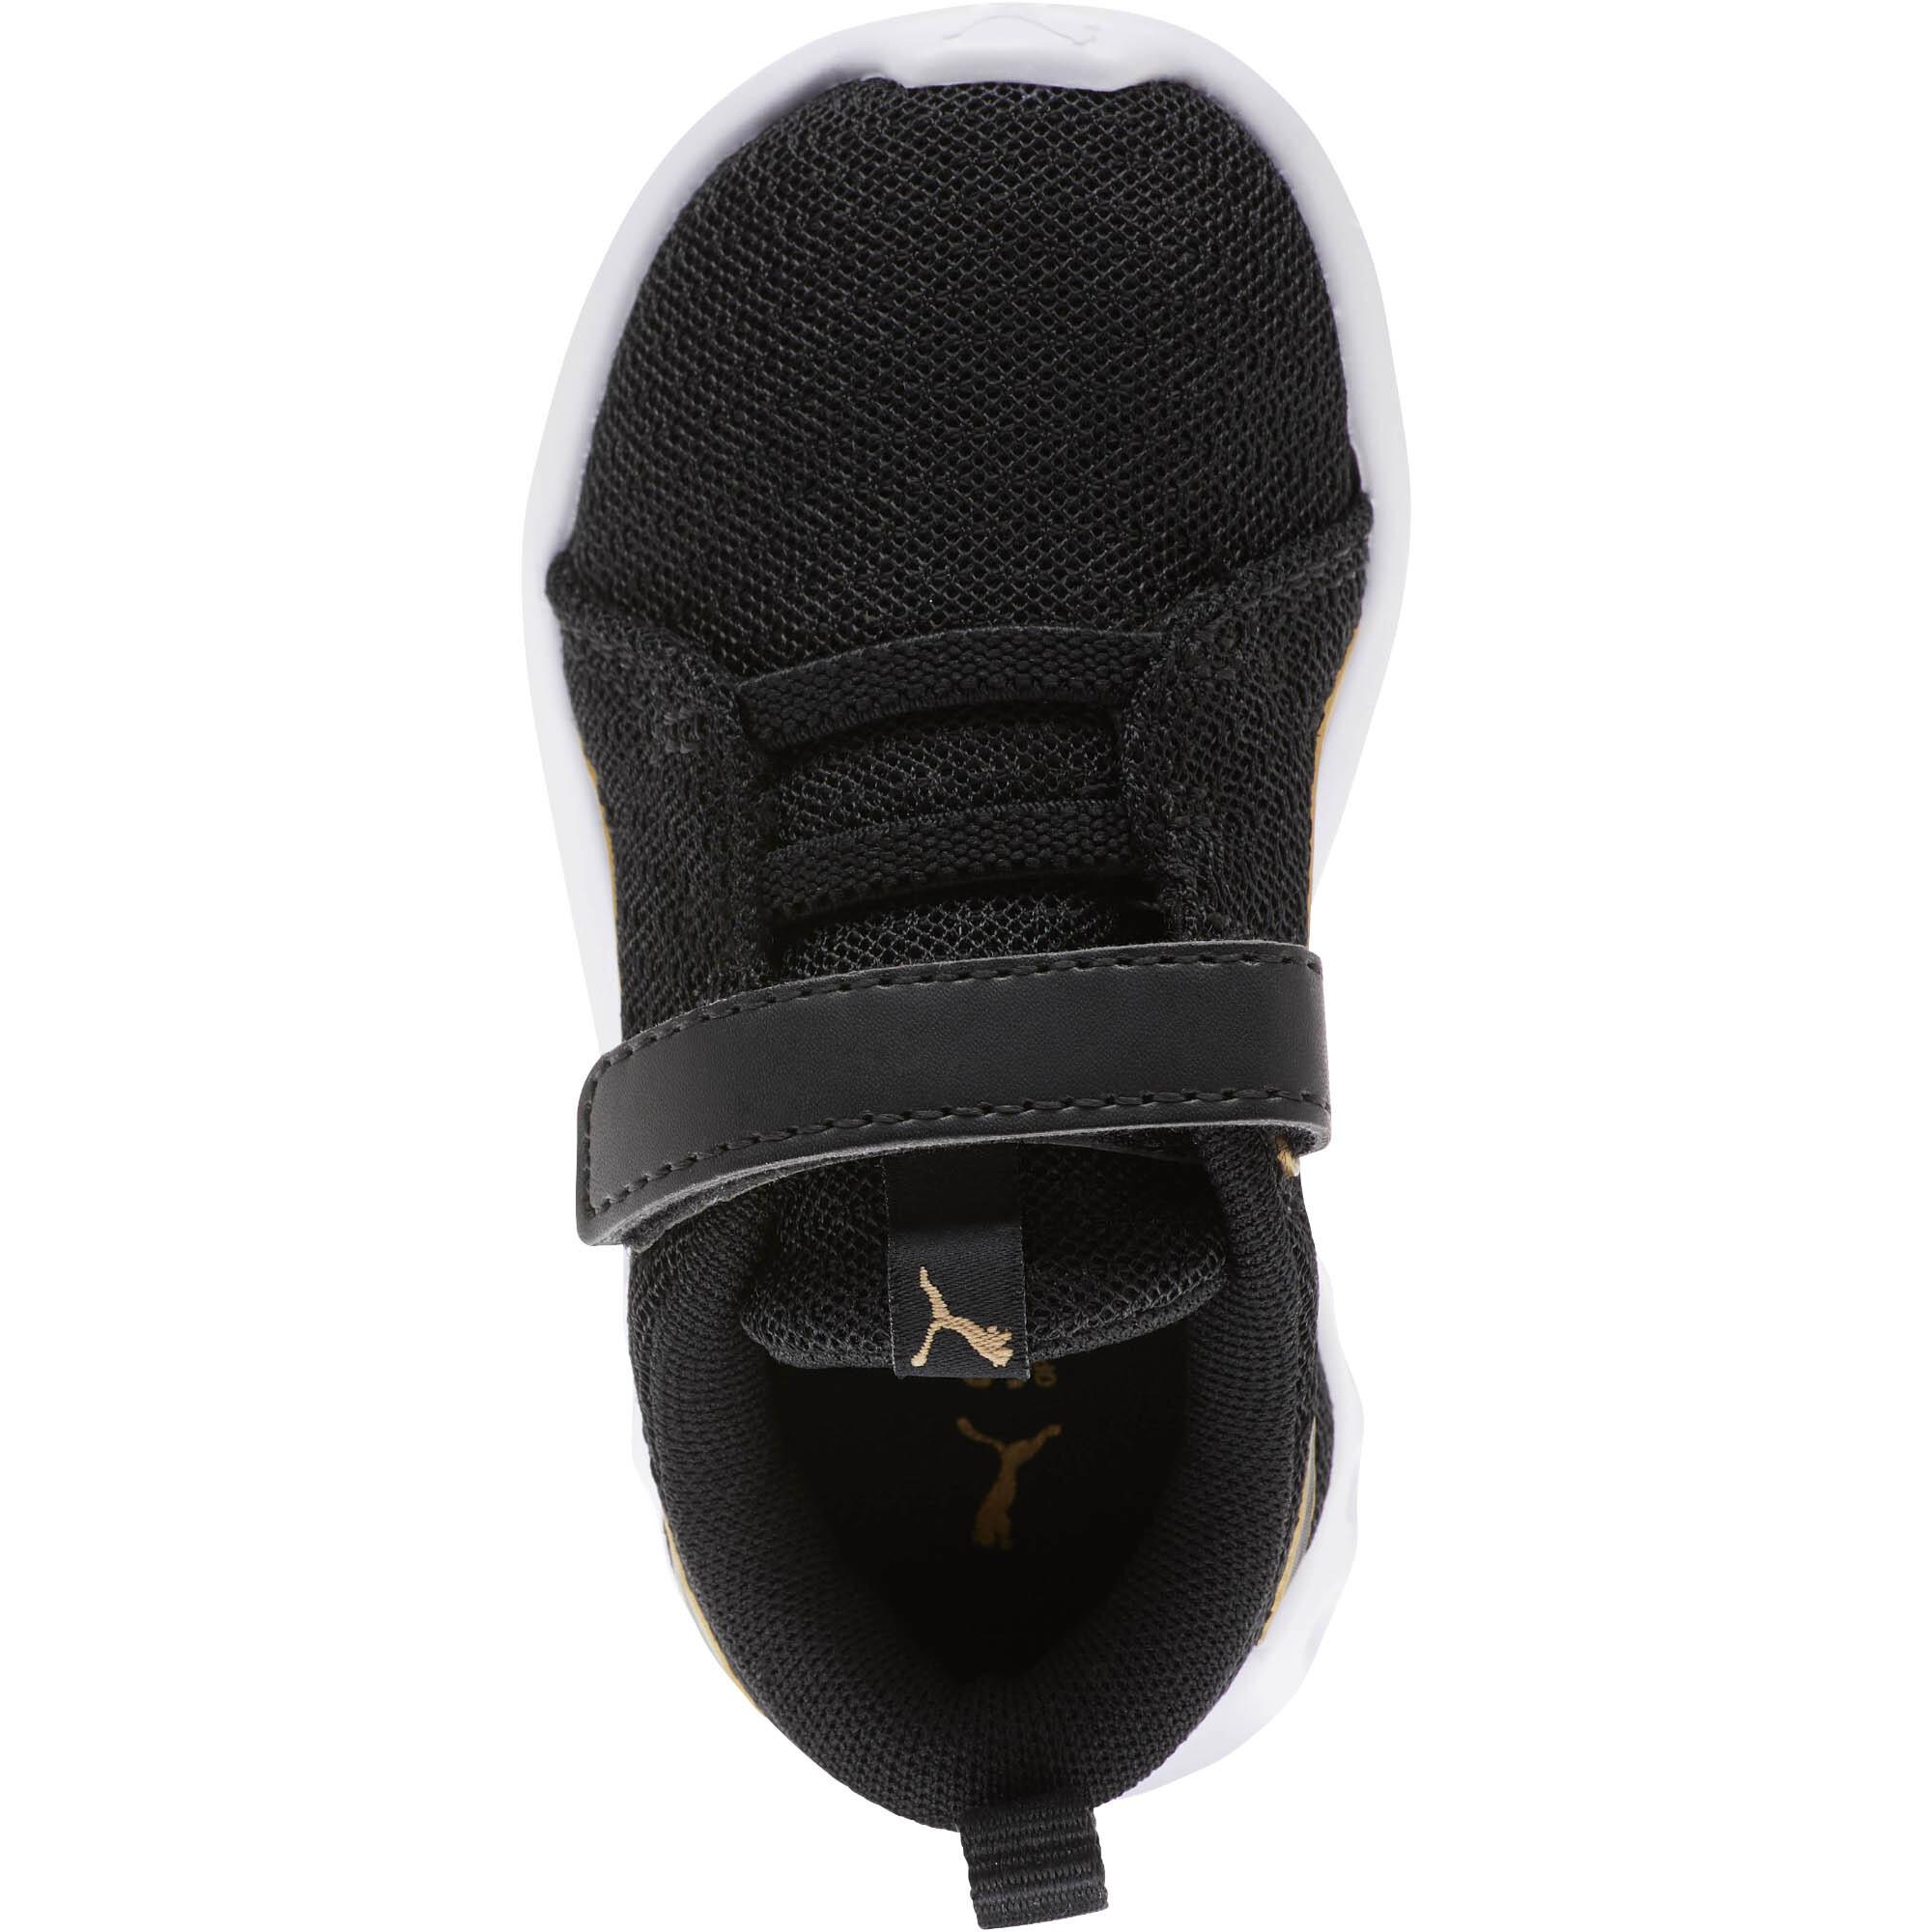 PUMA-Carson-2-Metallic-Mesh-Toddler-Shoes-Girls-Shoe-Kids thumbnail 6